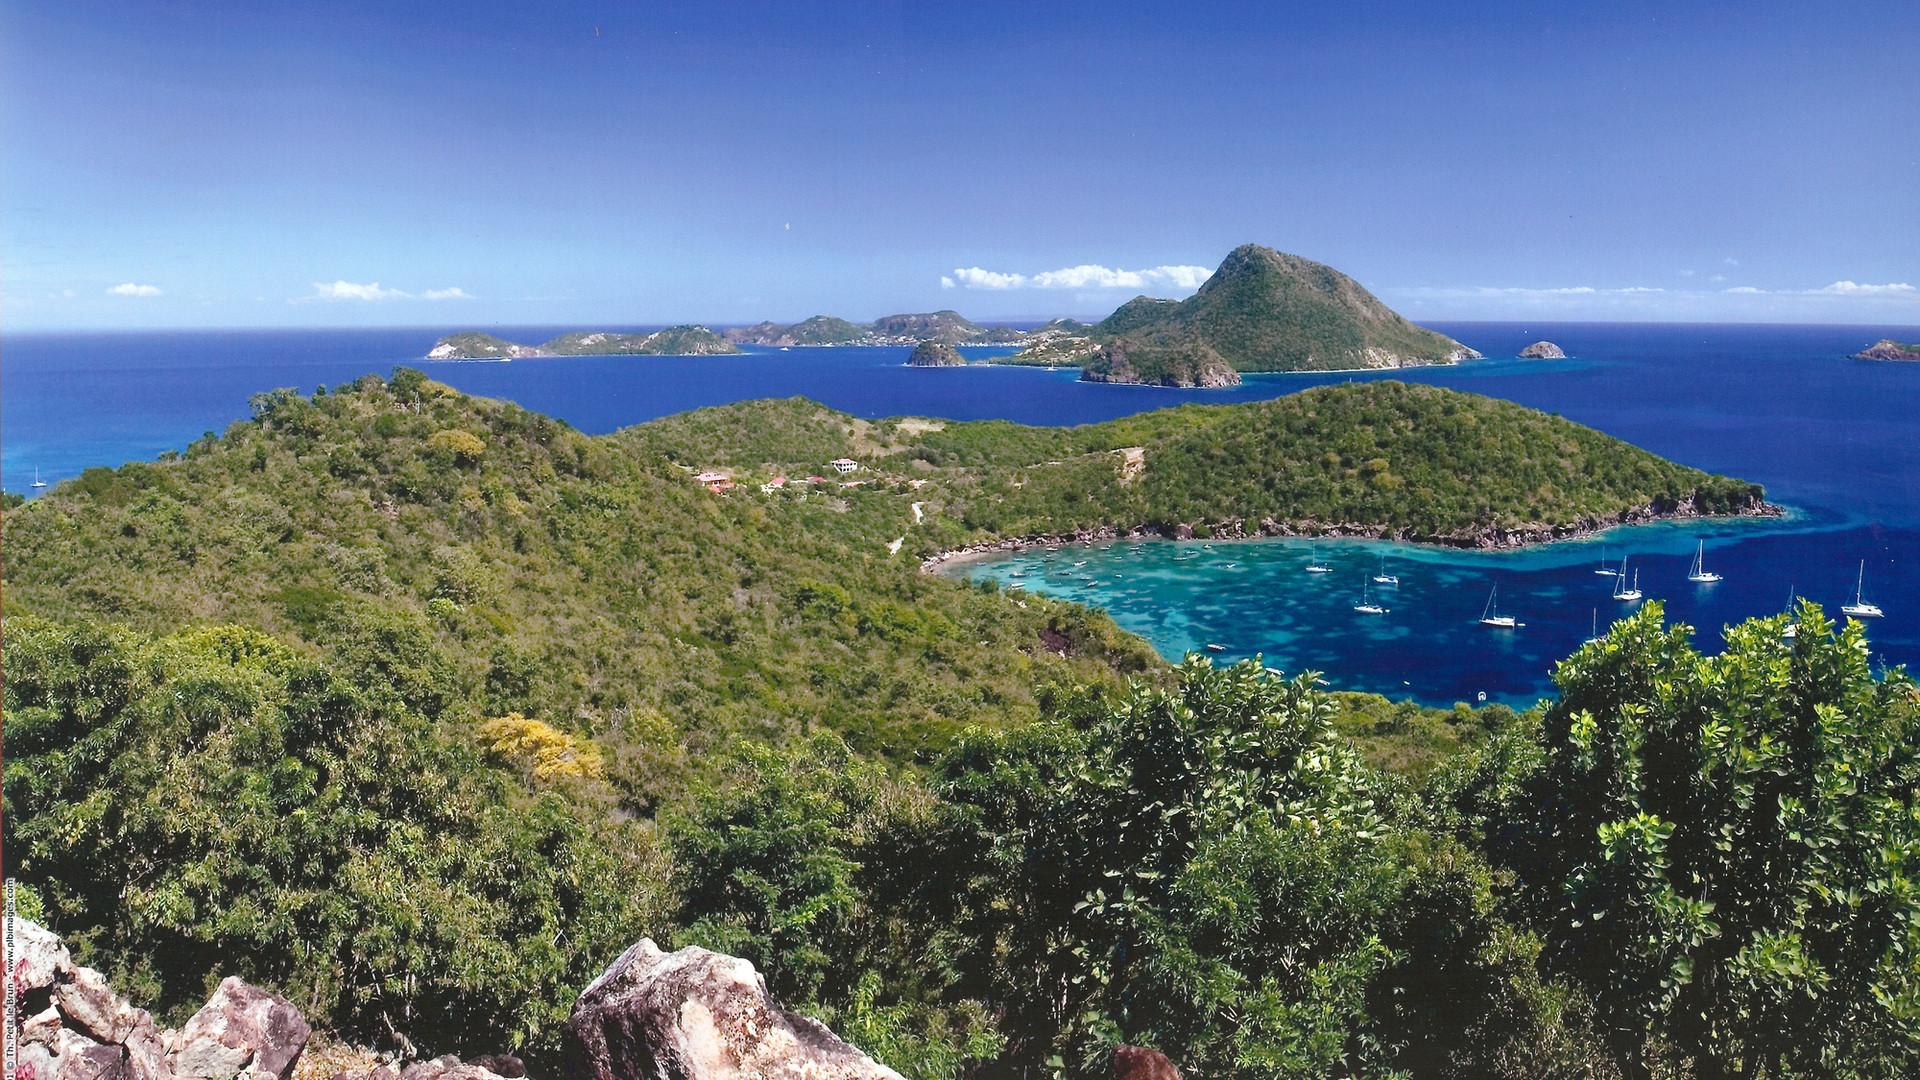 Les Saintes - Résidence Coco d'Iles -  Les Saintes